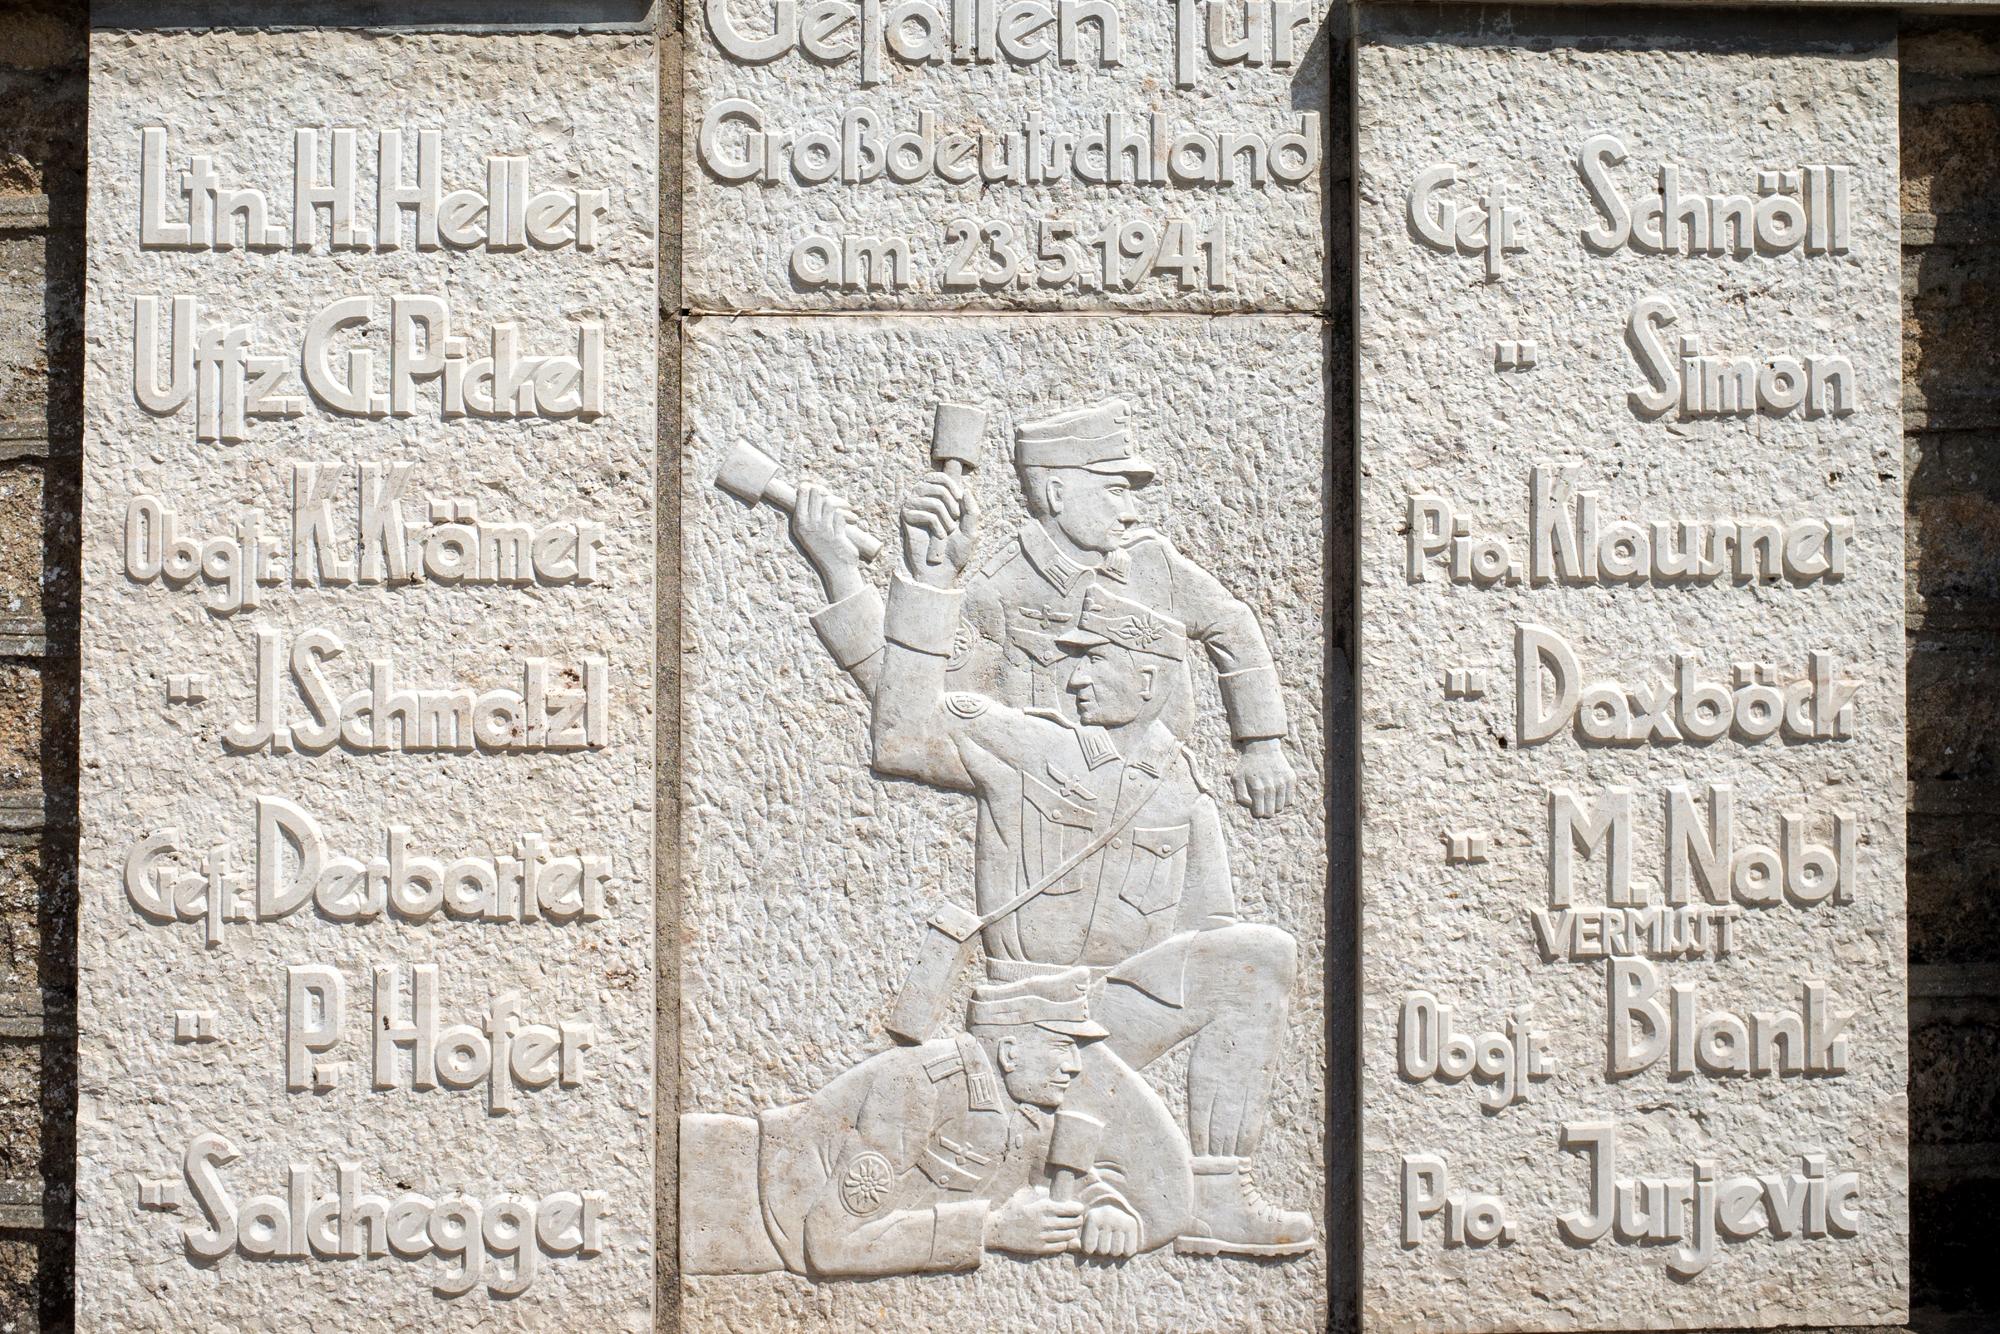 """Στο ανάγλυφο στο μνημείο οι στρατιώτες της Βέρμαχτ φορώντας τις χαρακτηριστικές στολές με το σήμα """"εντελβάις"""" της 1ης Μεραρχίας είναι έτοιμοι να πετάξουν χειροβομβίδες"""